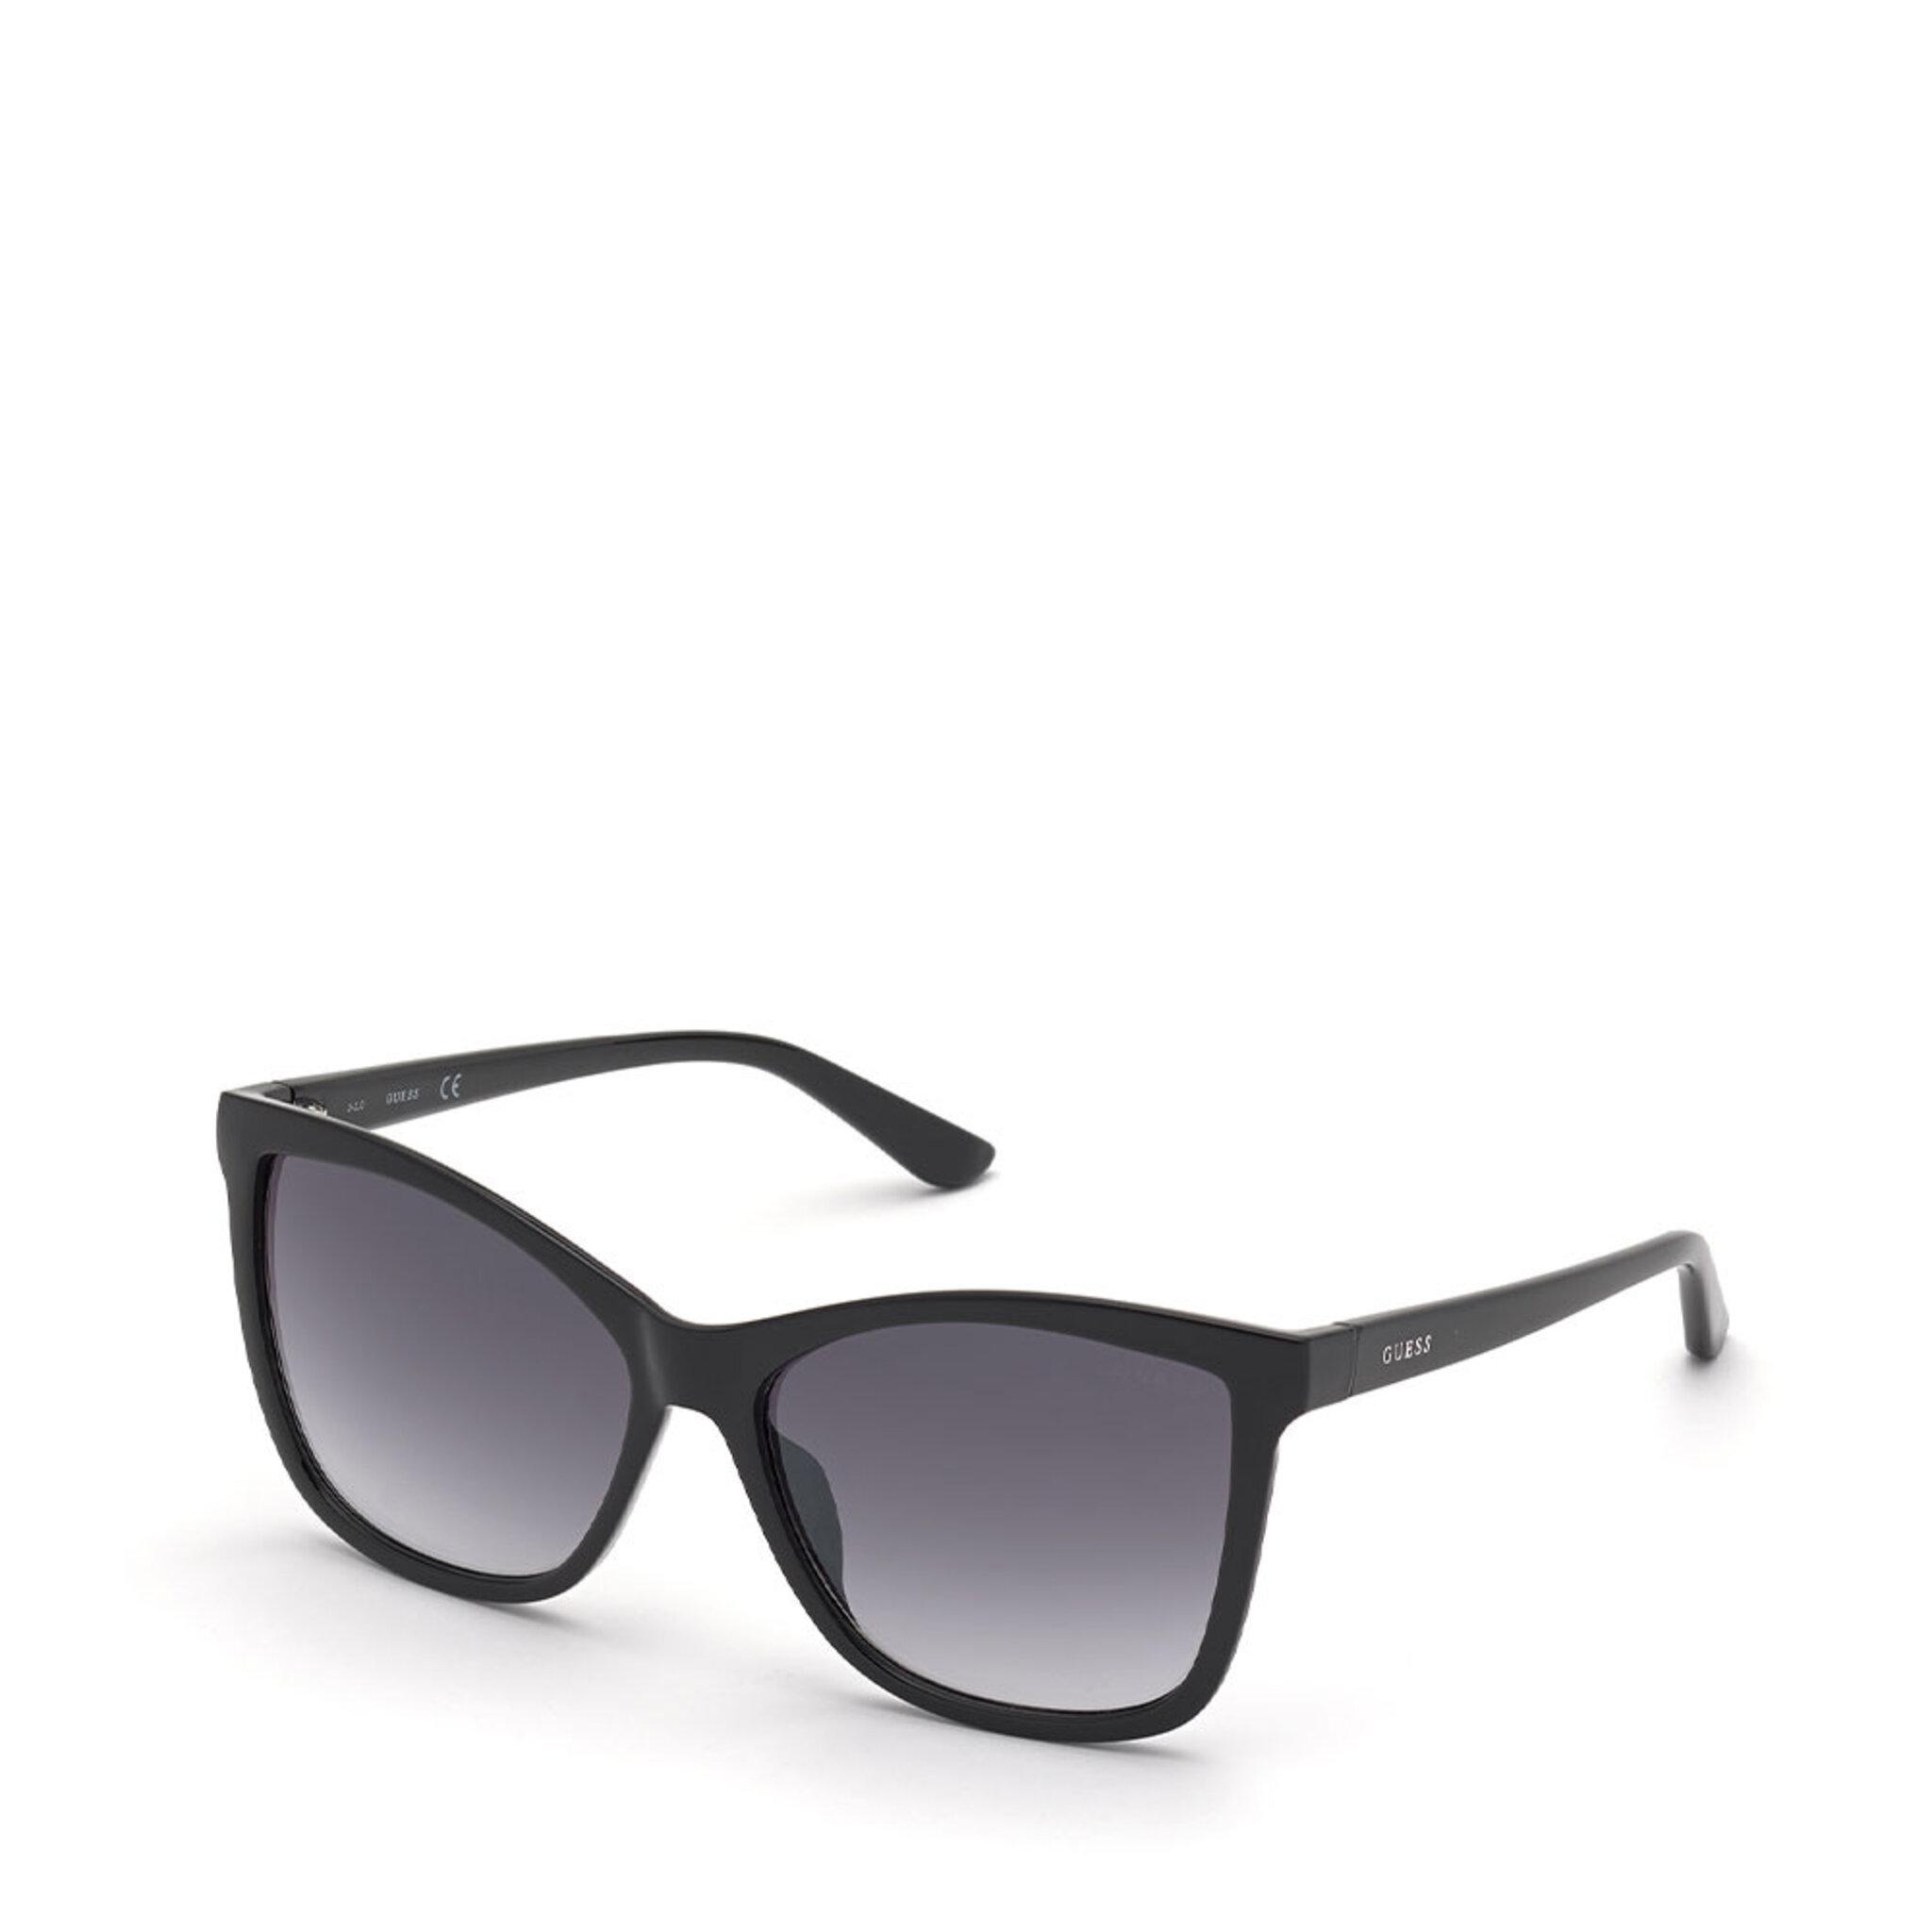 Sunglasses GU7779